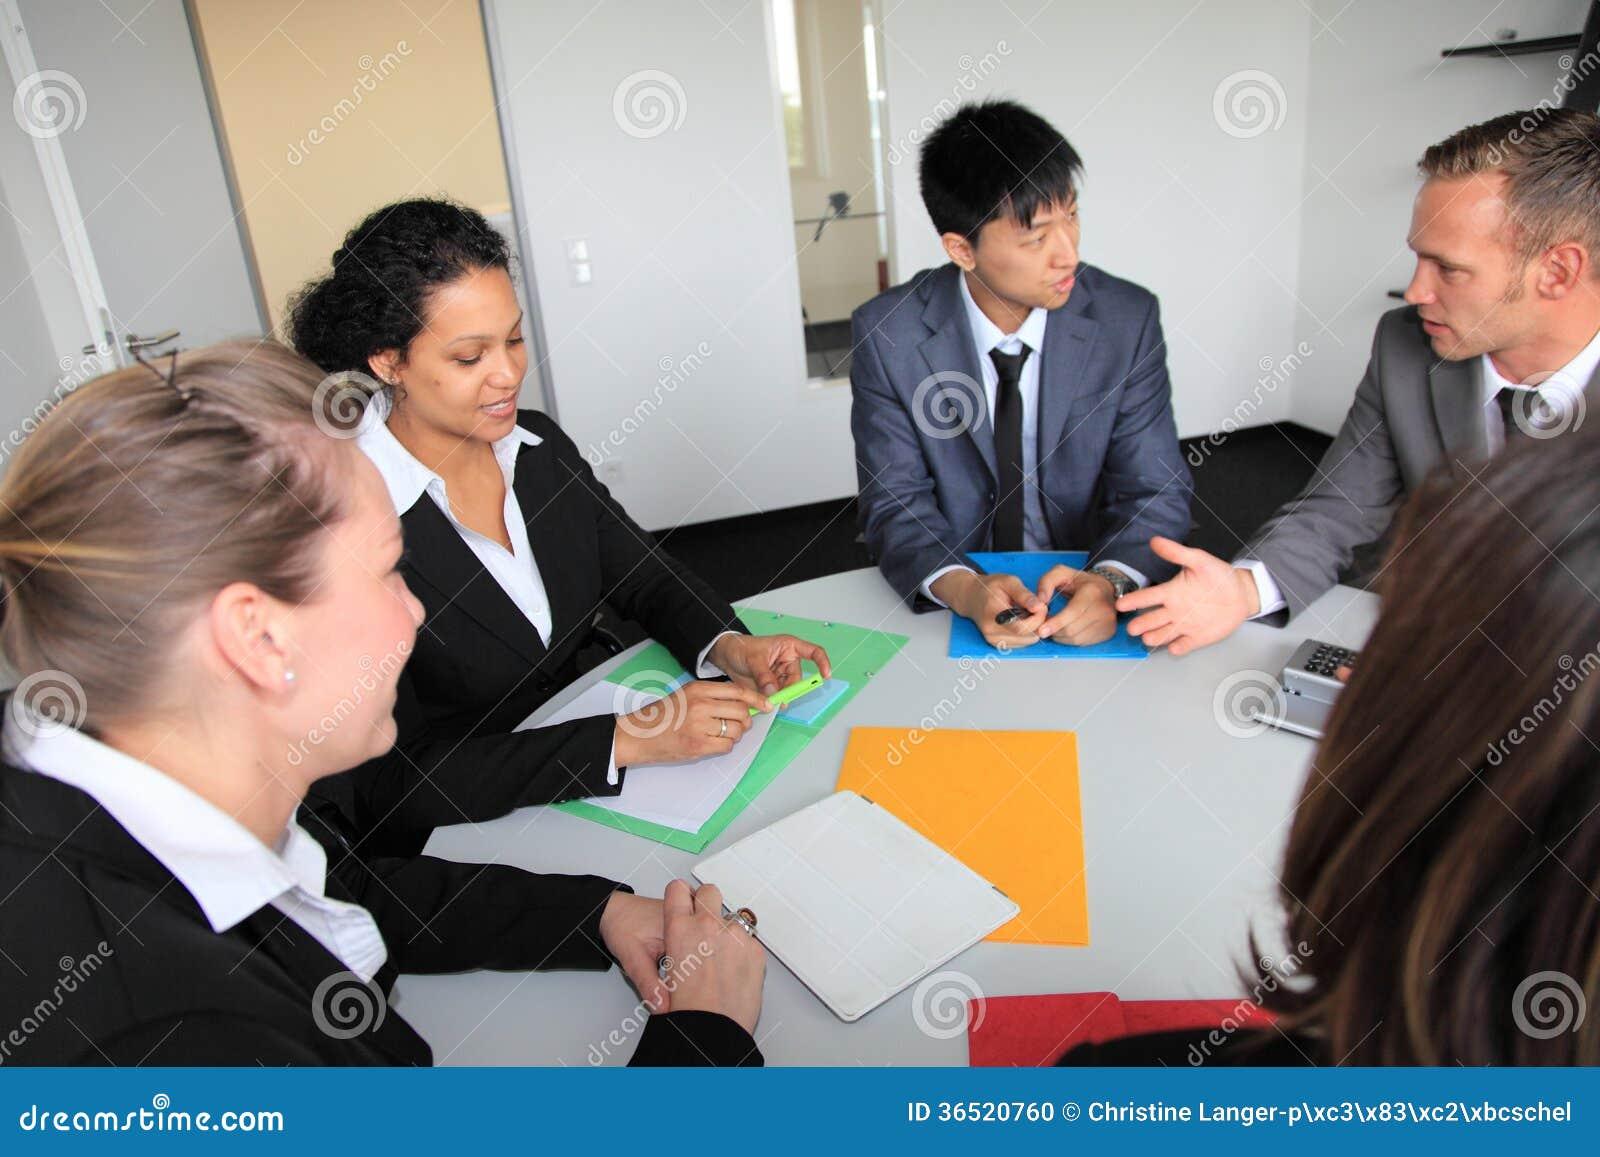 Jeune équipe diverse d affaires lors d une réunion